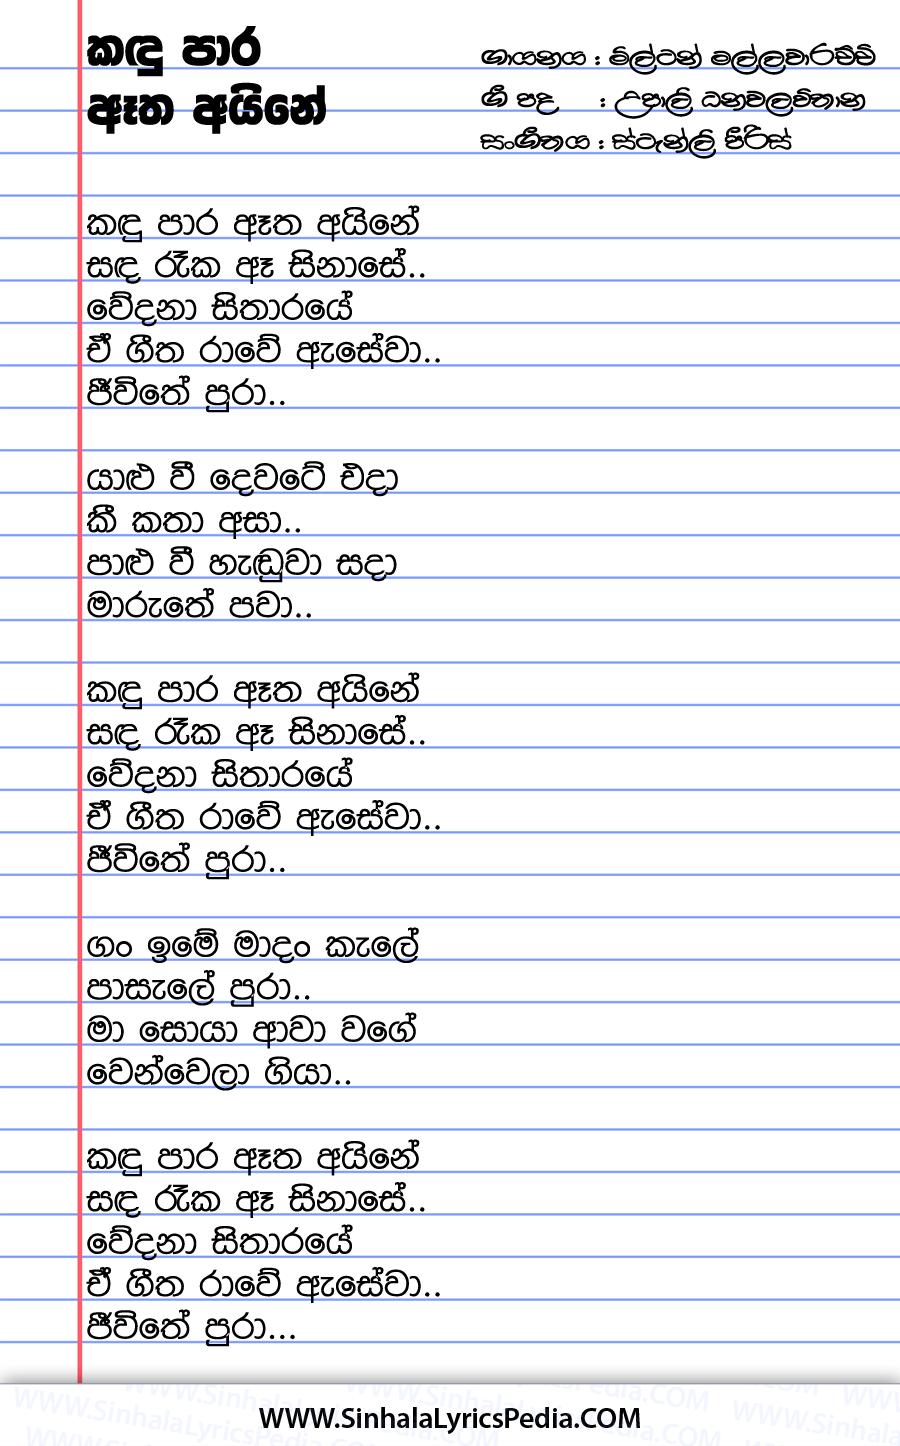 Kandu Para Atha Aine Song Lyrics